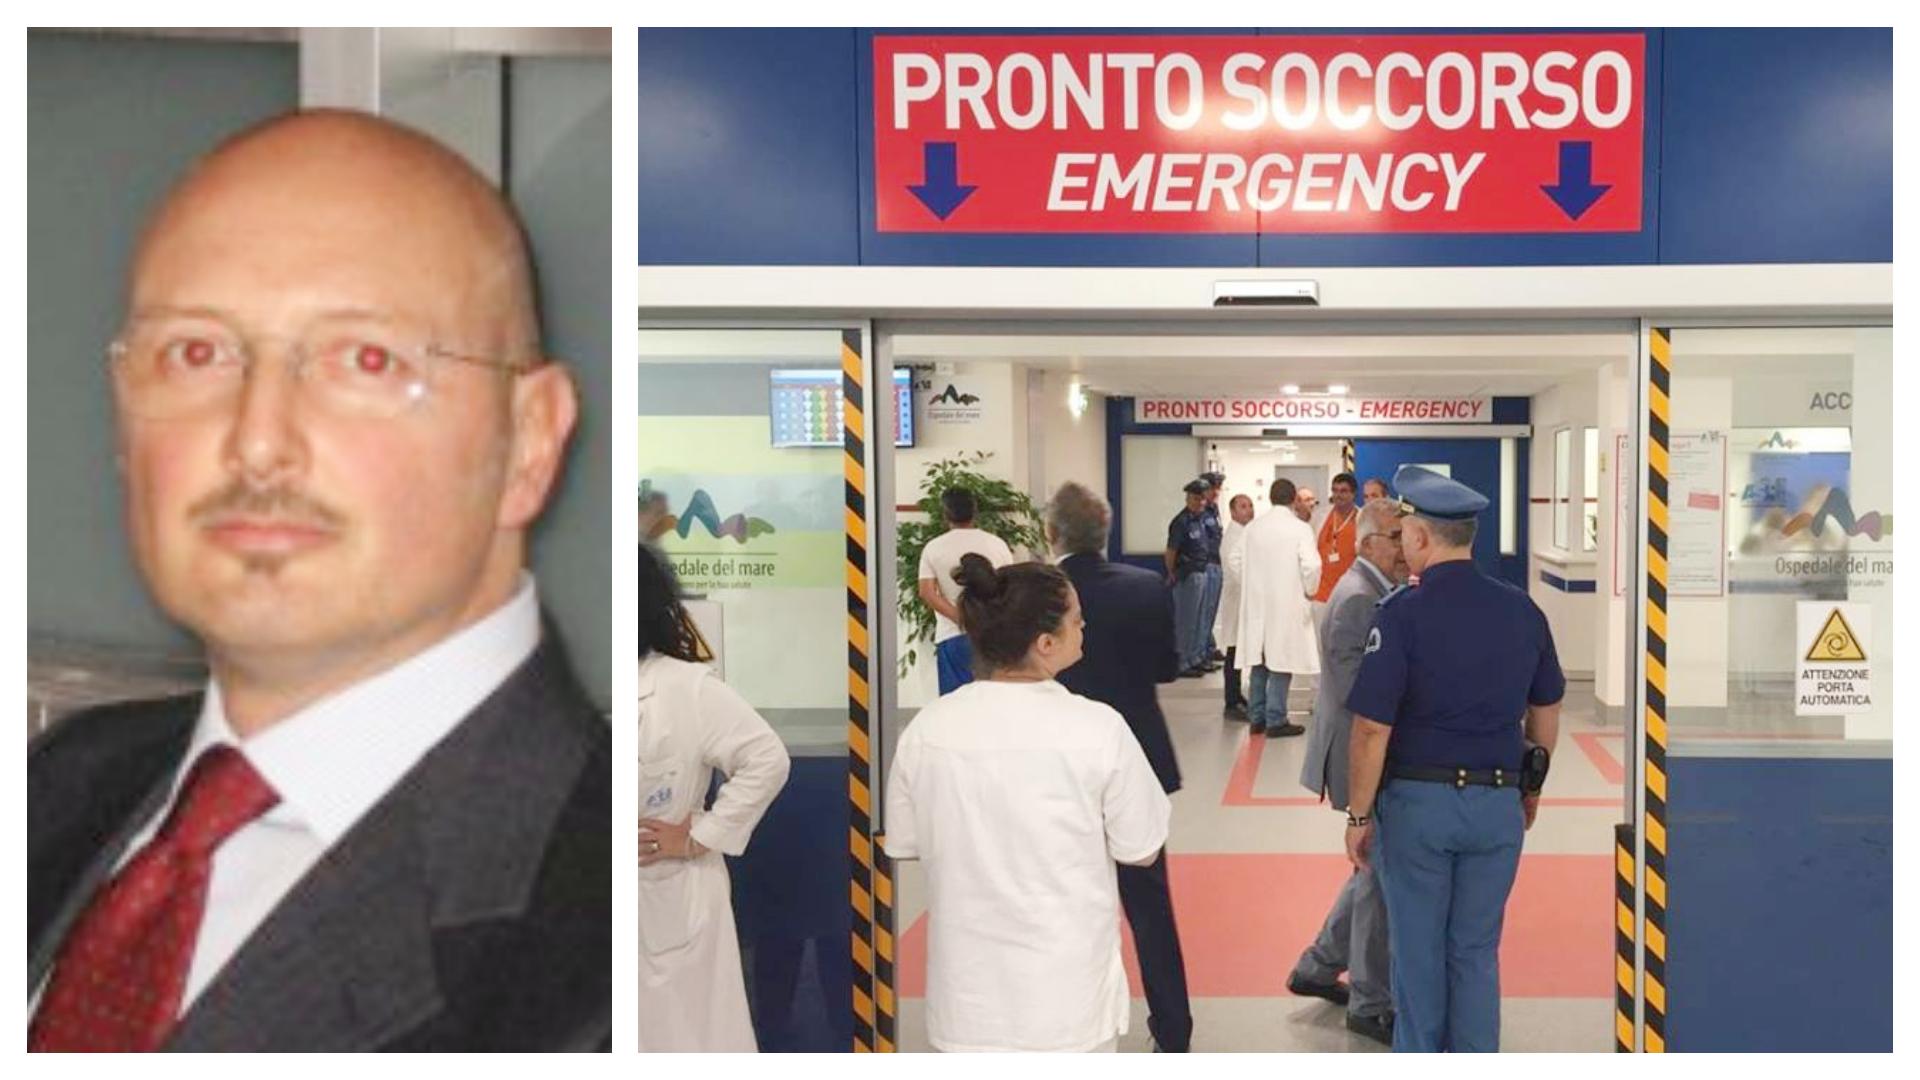 medici-contro-de-luca-giusppe-galano-118-pronto-soccorso